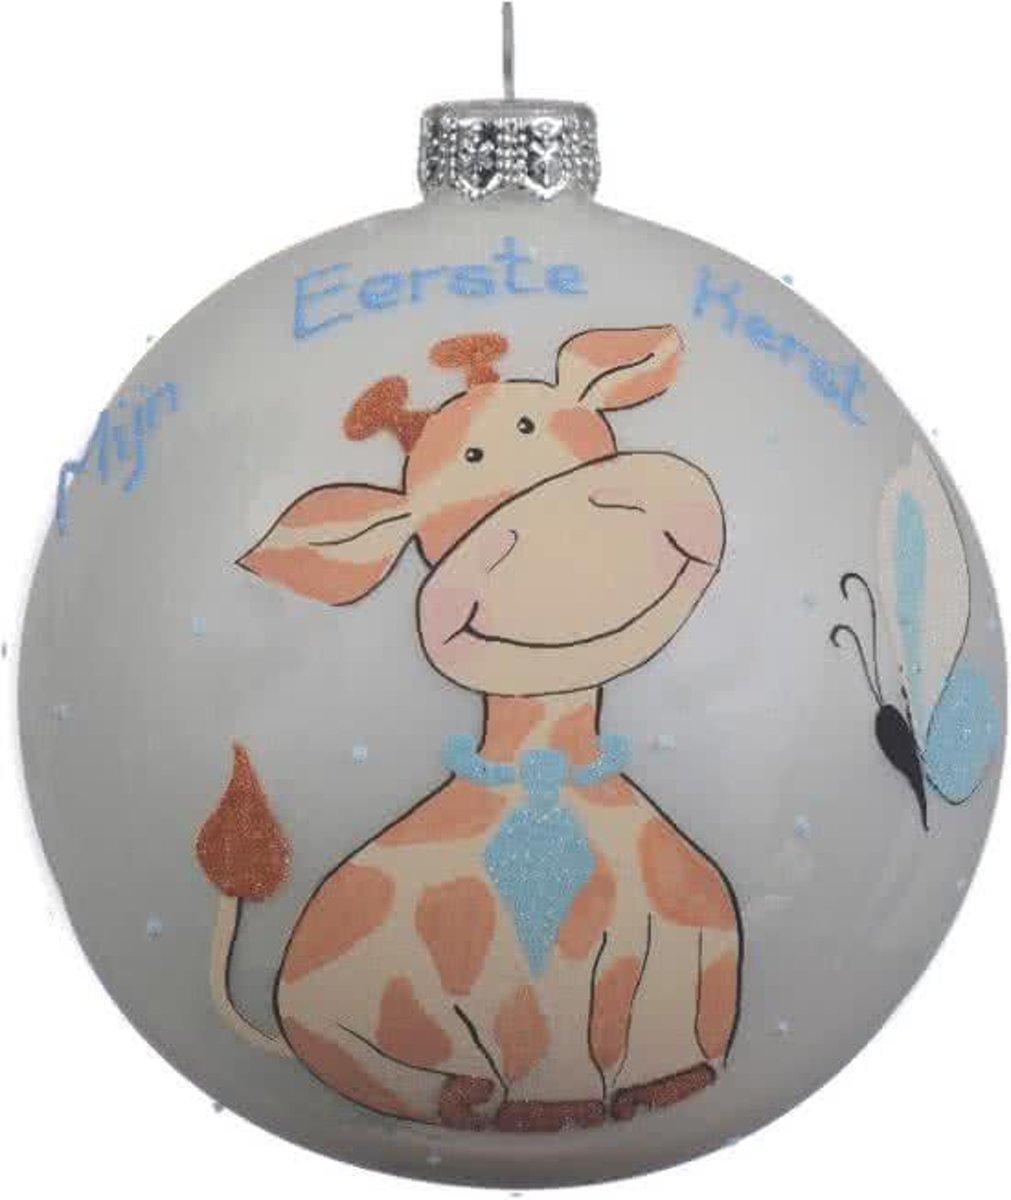 Bol Com Blauwe Kerstbal Kopen Alle Blauwe Kerstballen Online